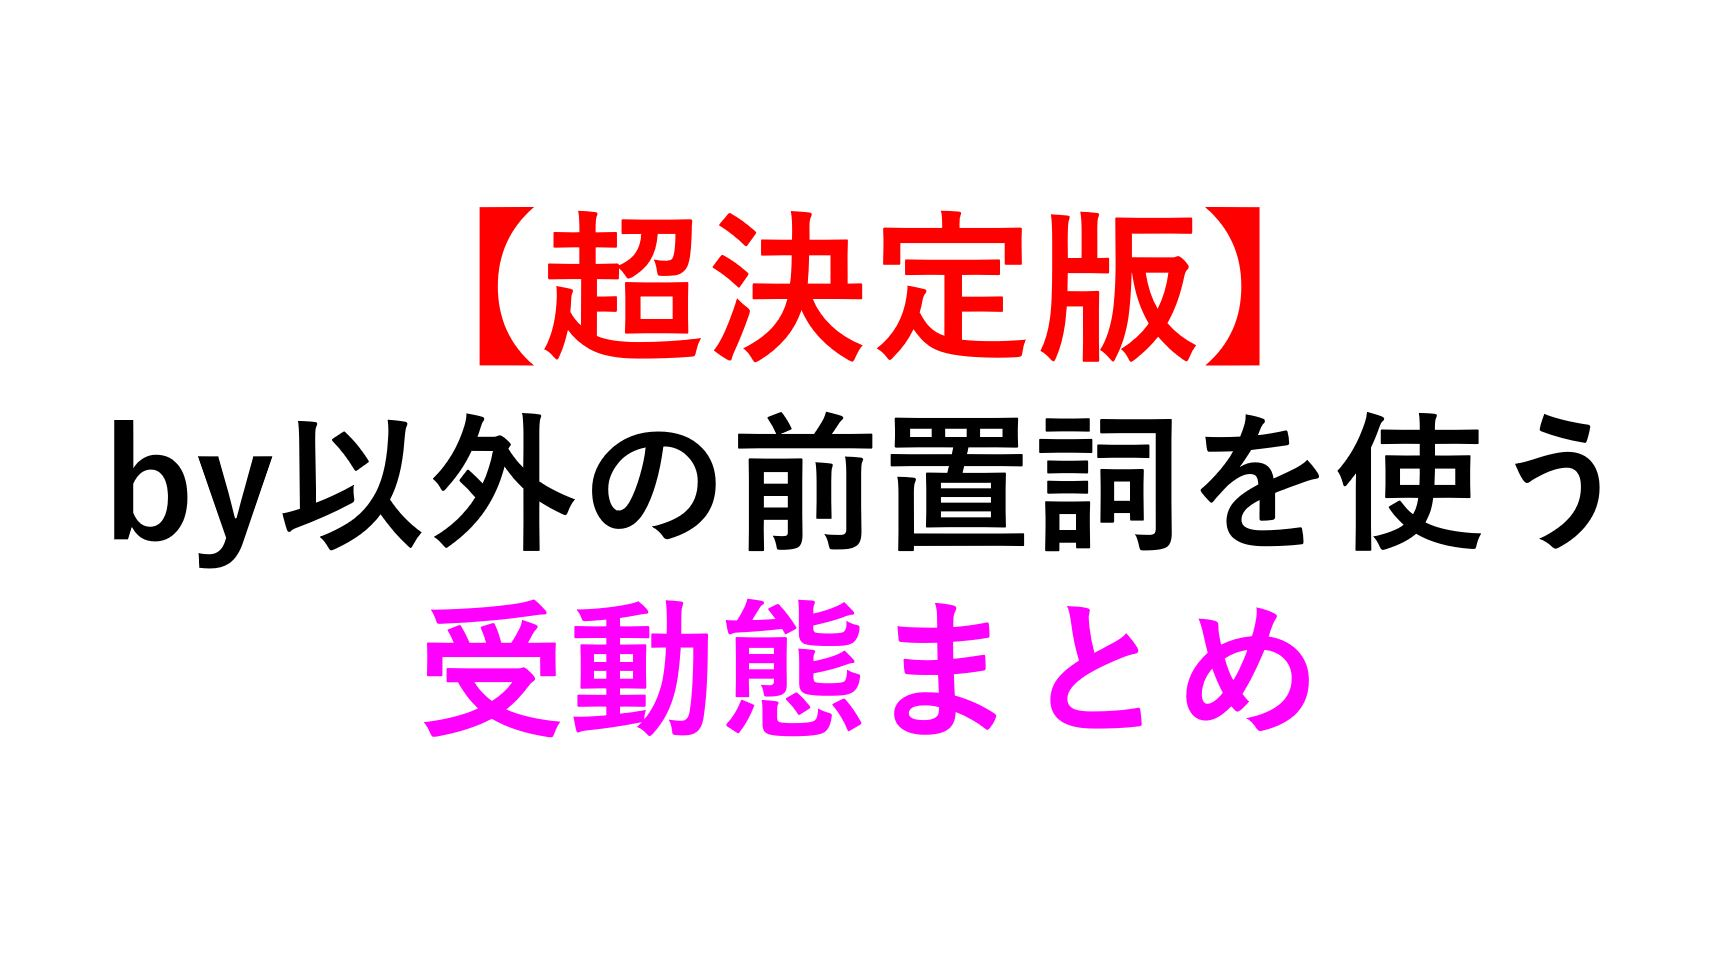 超決定版】by以外の前置詞を使う受動態まとめ29選【イメージでわかる ...